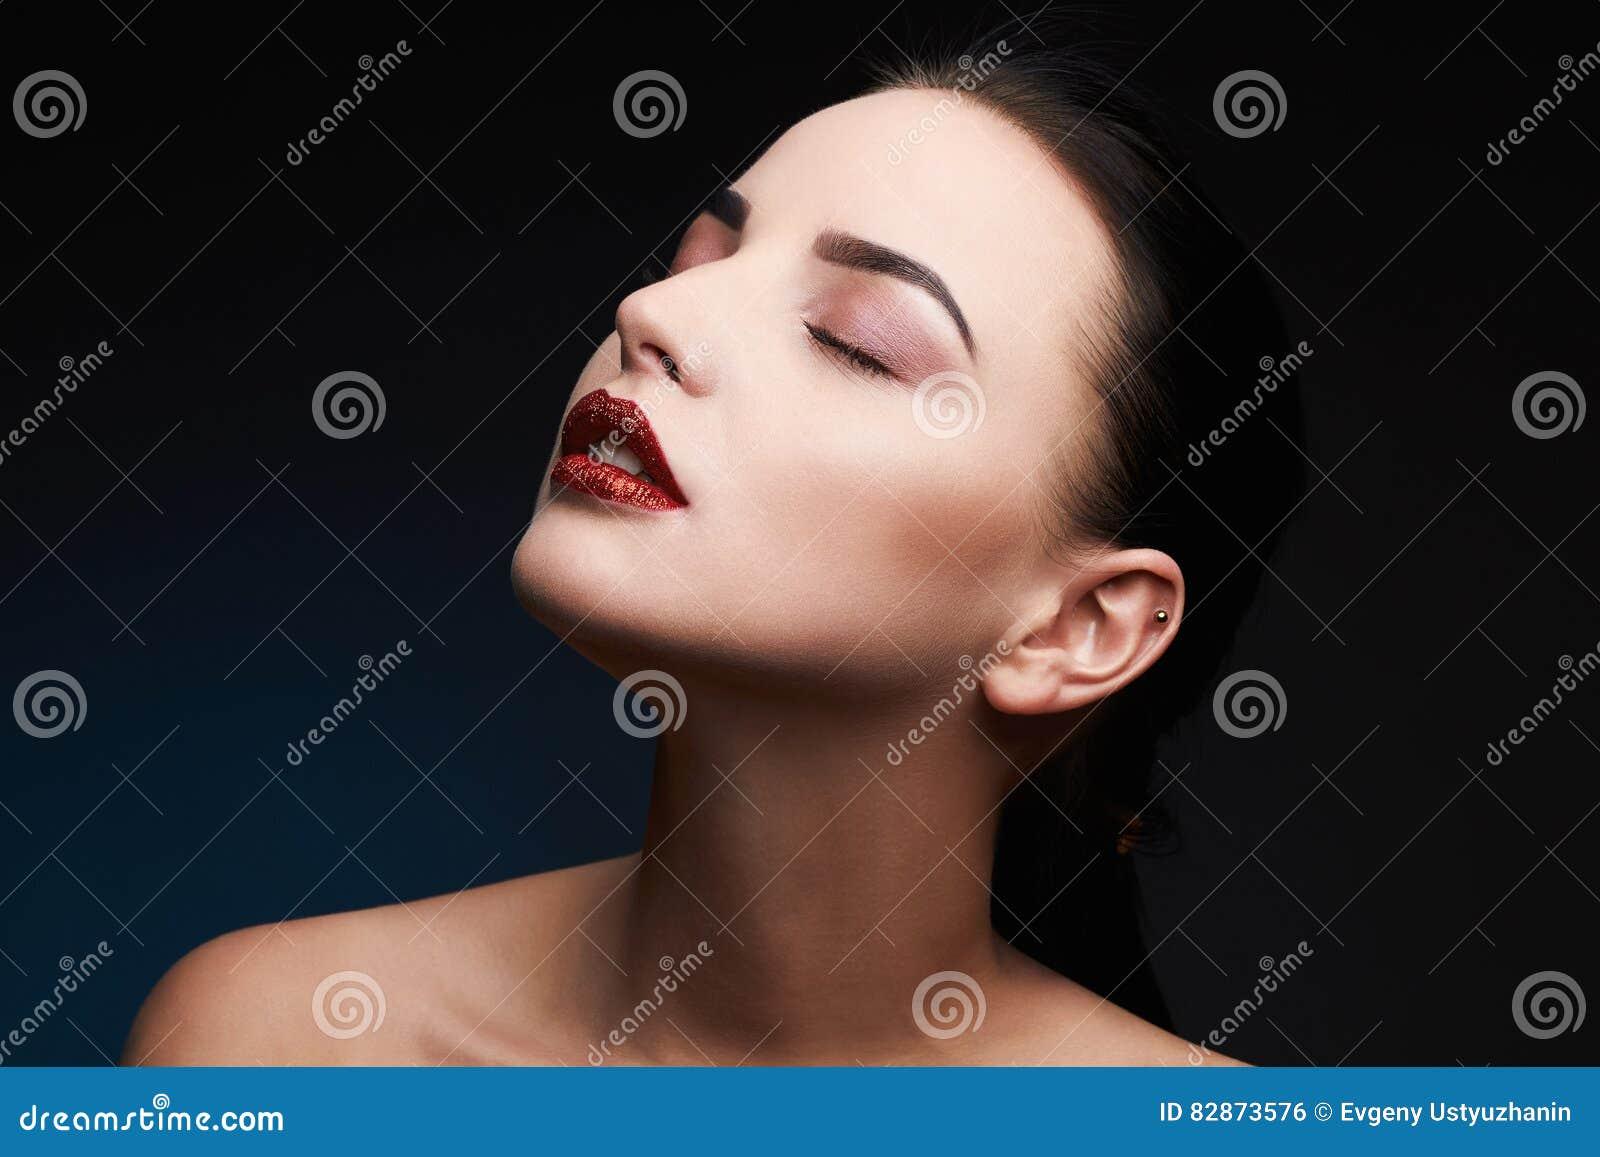 πρότυπη γυναίκα ομορφιάς Όμορφη πανέμορφη γοητεία κυρία Portrait χείλια προκλητικά Κόκκινα χείλια Makeup ομορφιάς